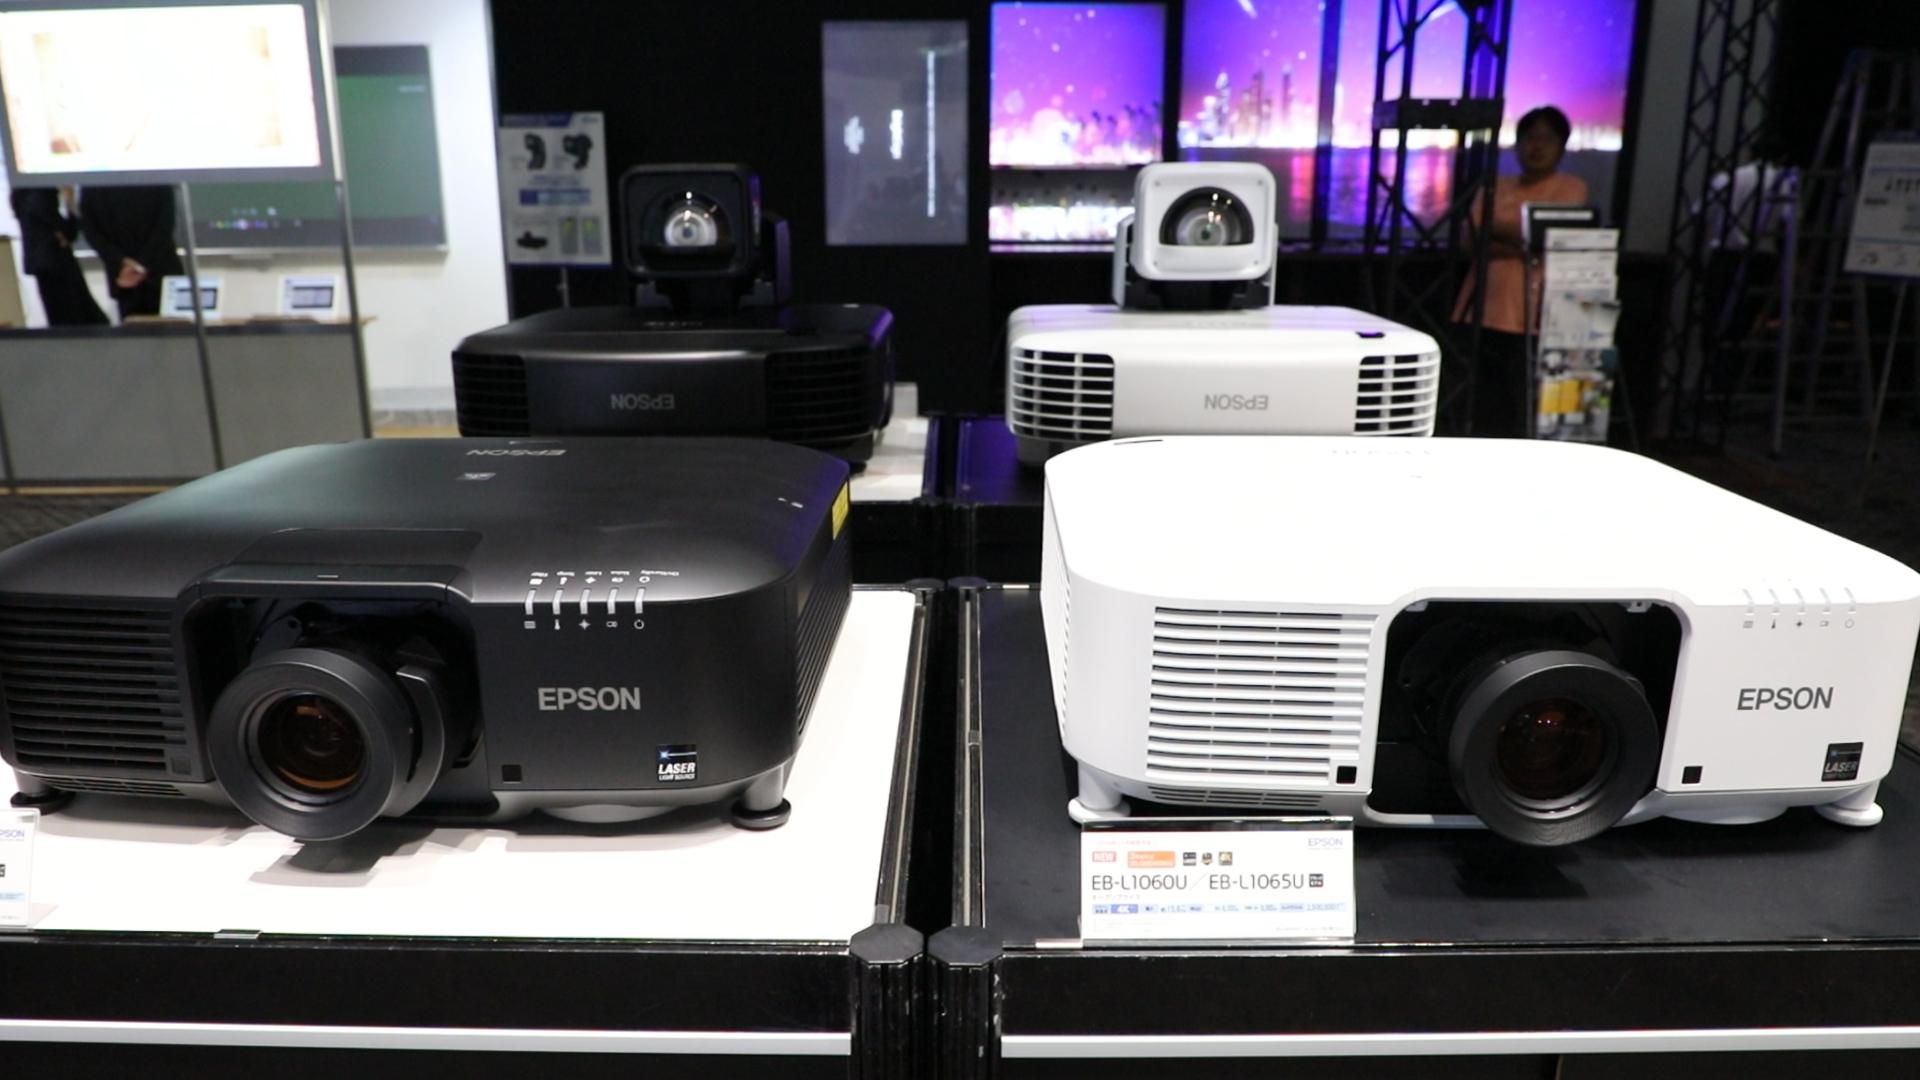 エプソン、ビジネスプロジェクター8機種11モデルを新発売